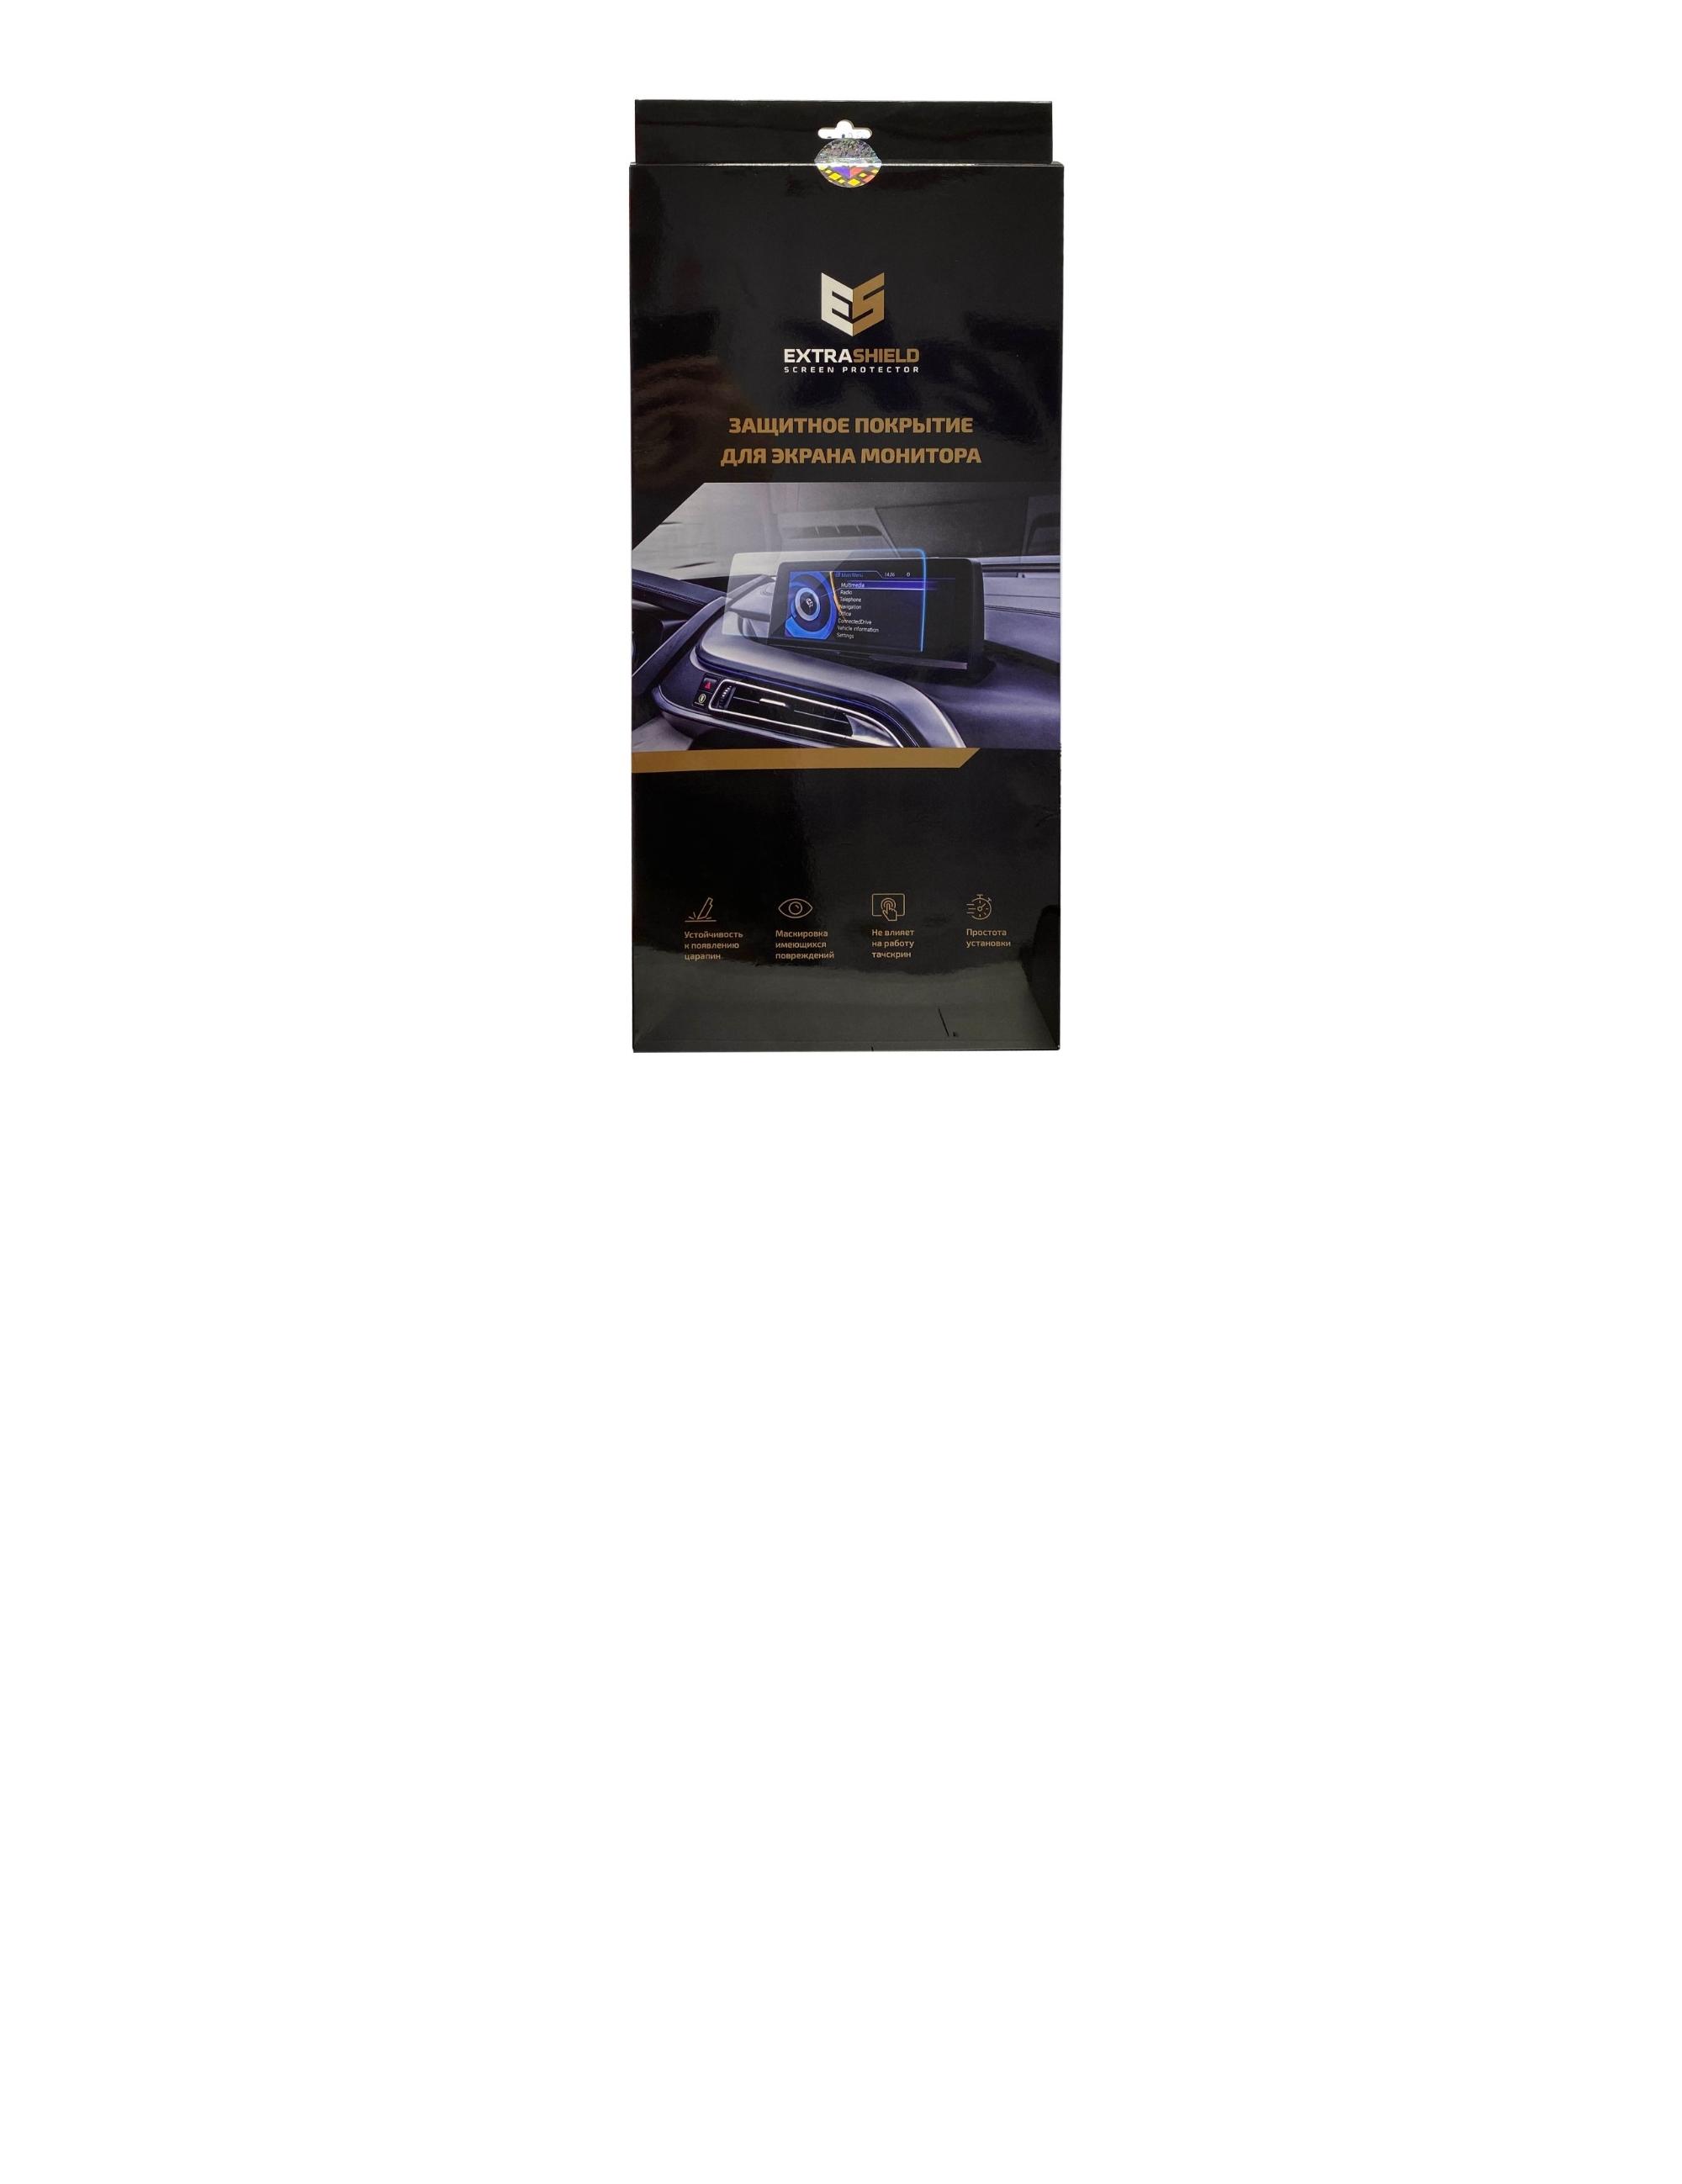 Audi Q8 2018 - н.в. приборная панель Audi Virtual Cockpit 12 Защитное стекло Матовая